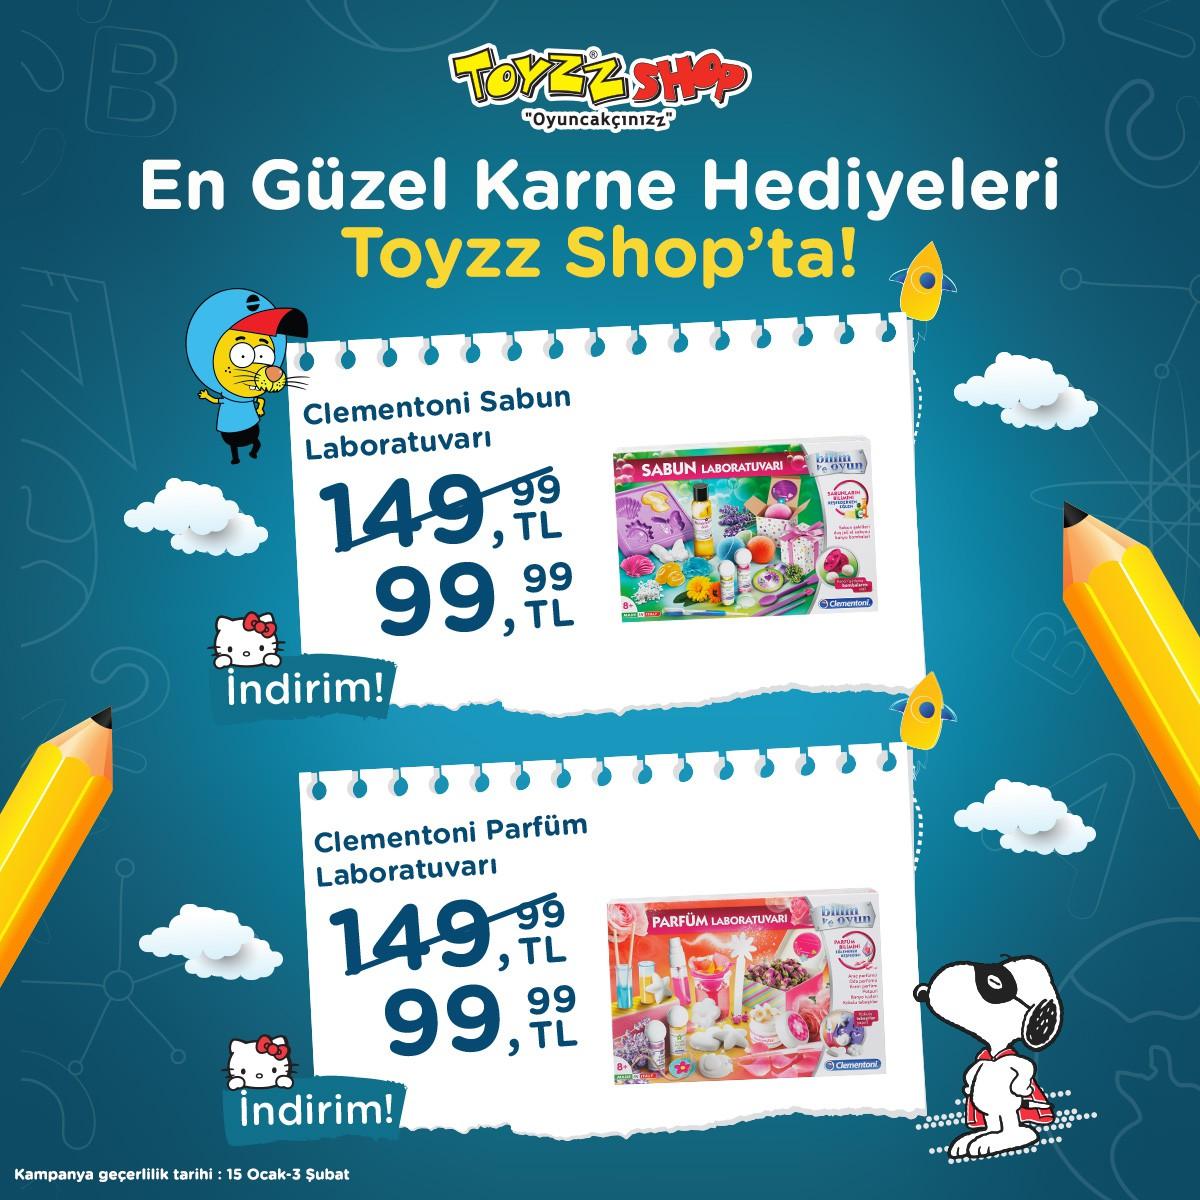 En güzel karne hediyeleri Toyzz Shop'ta!